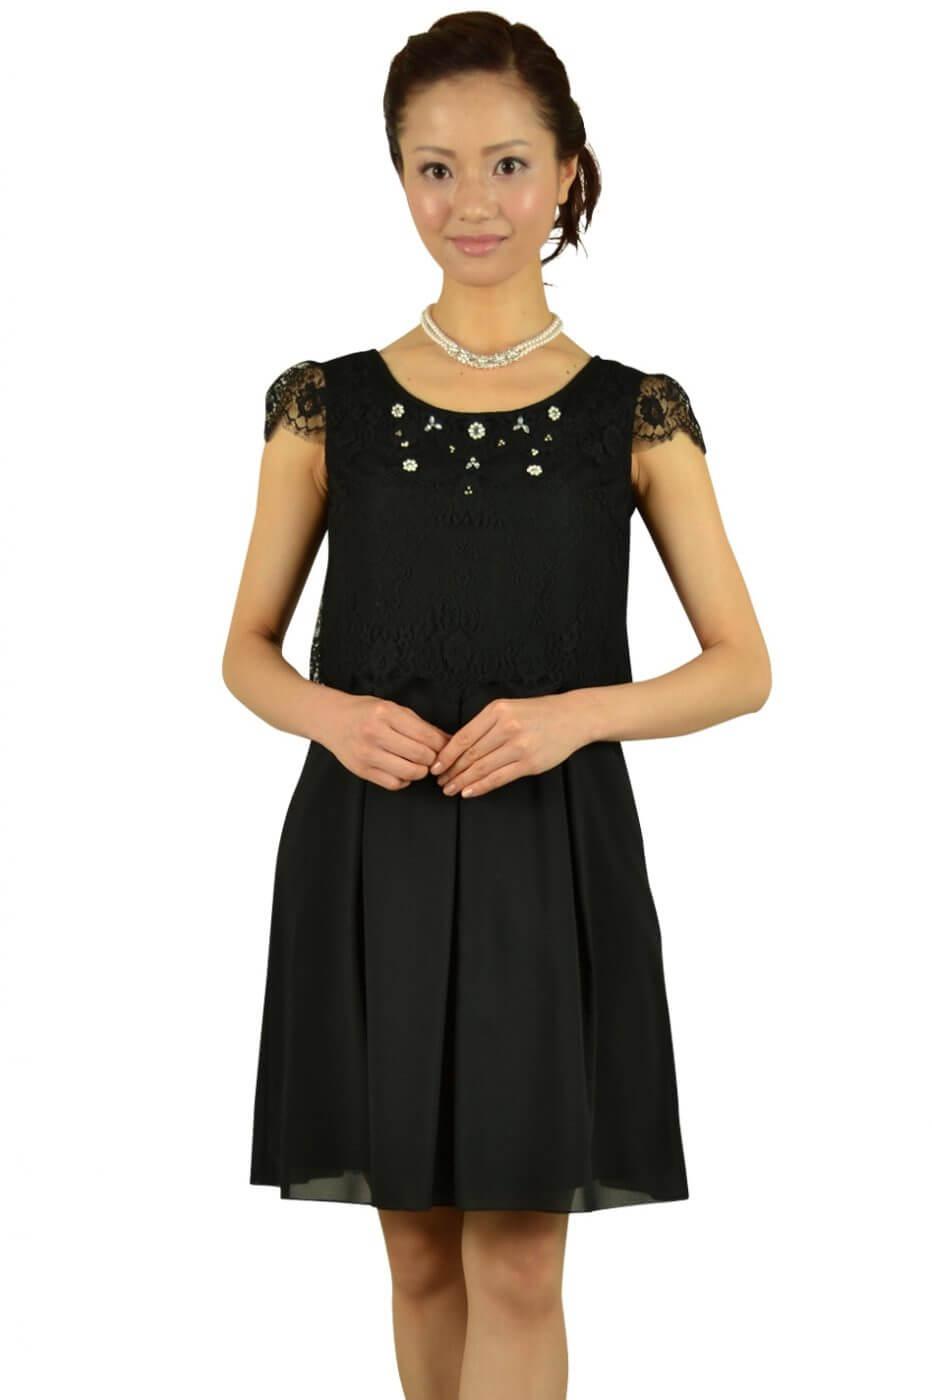 フェルゥ(Feroux)ブラックレーストップスドレス